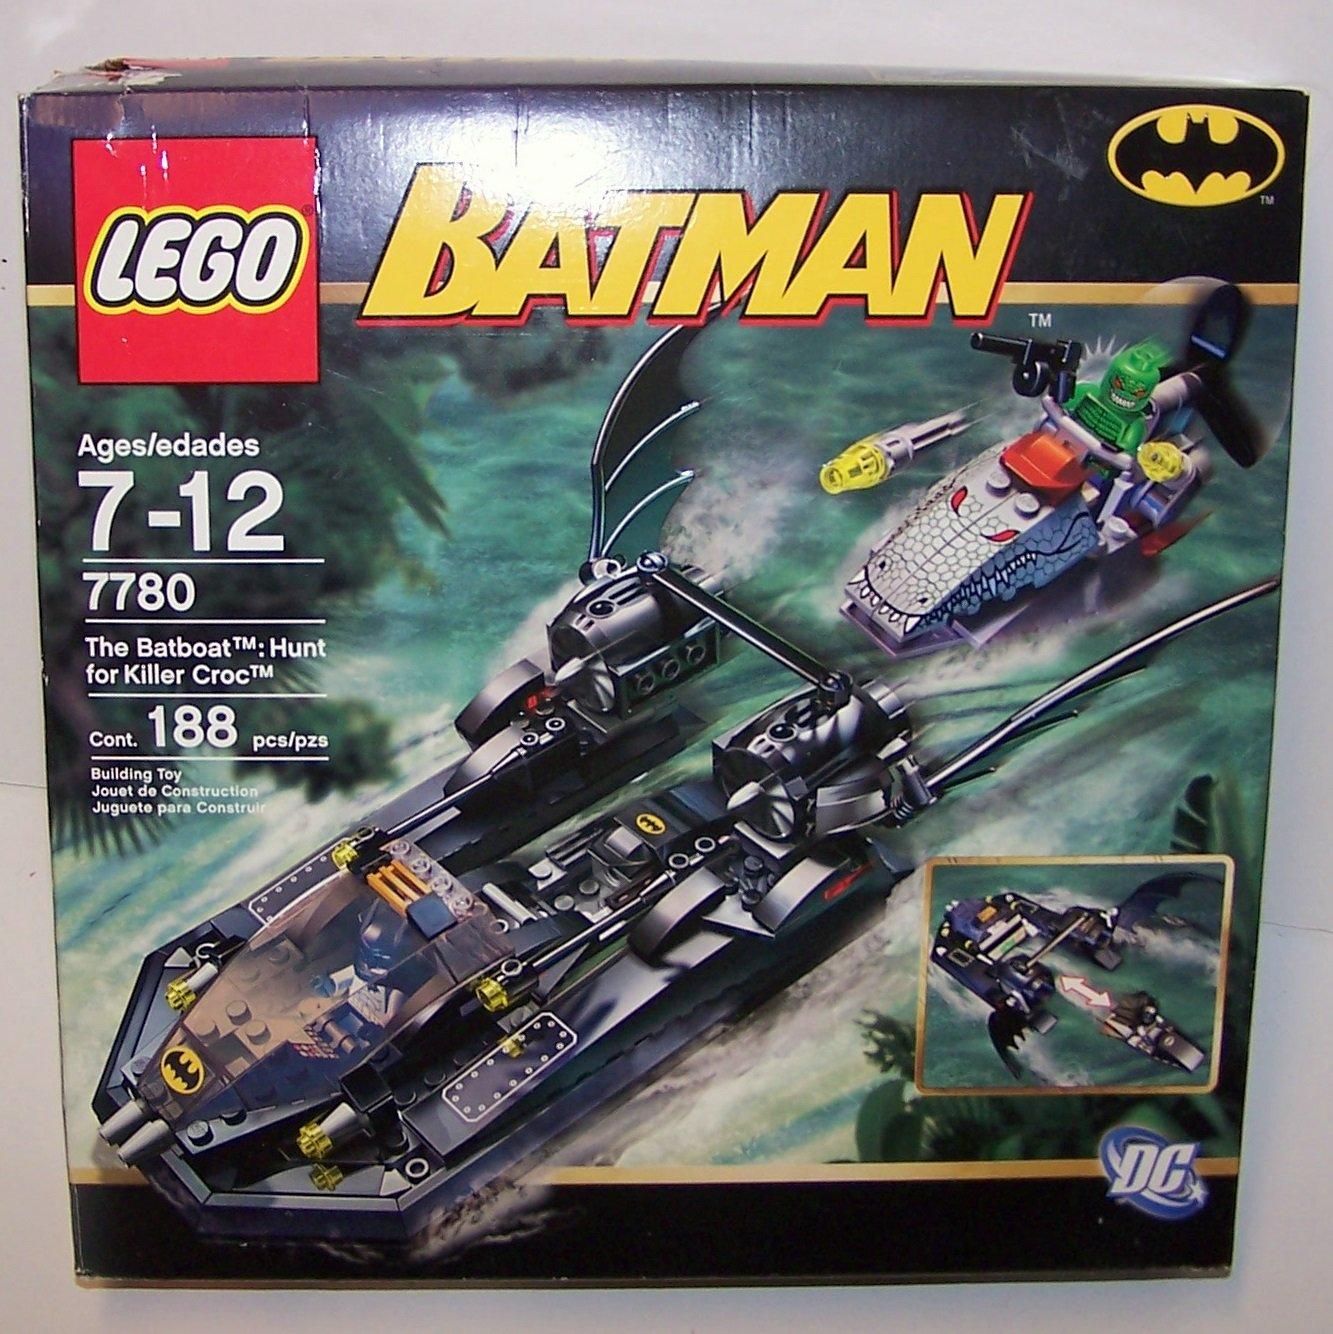 LEGO Batman Batboat - Hunt for Killer Croc #7780